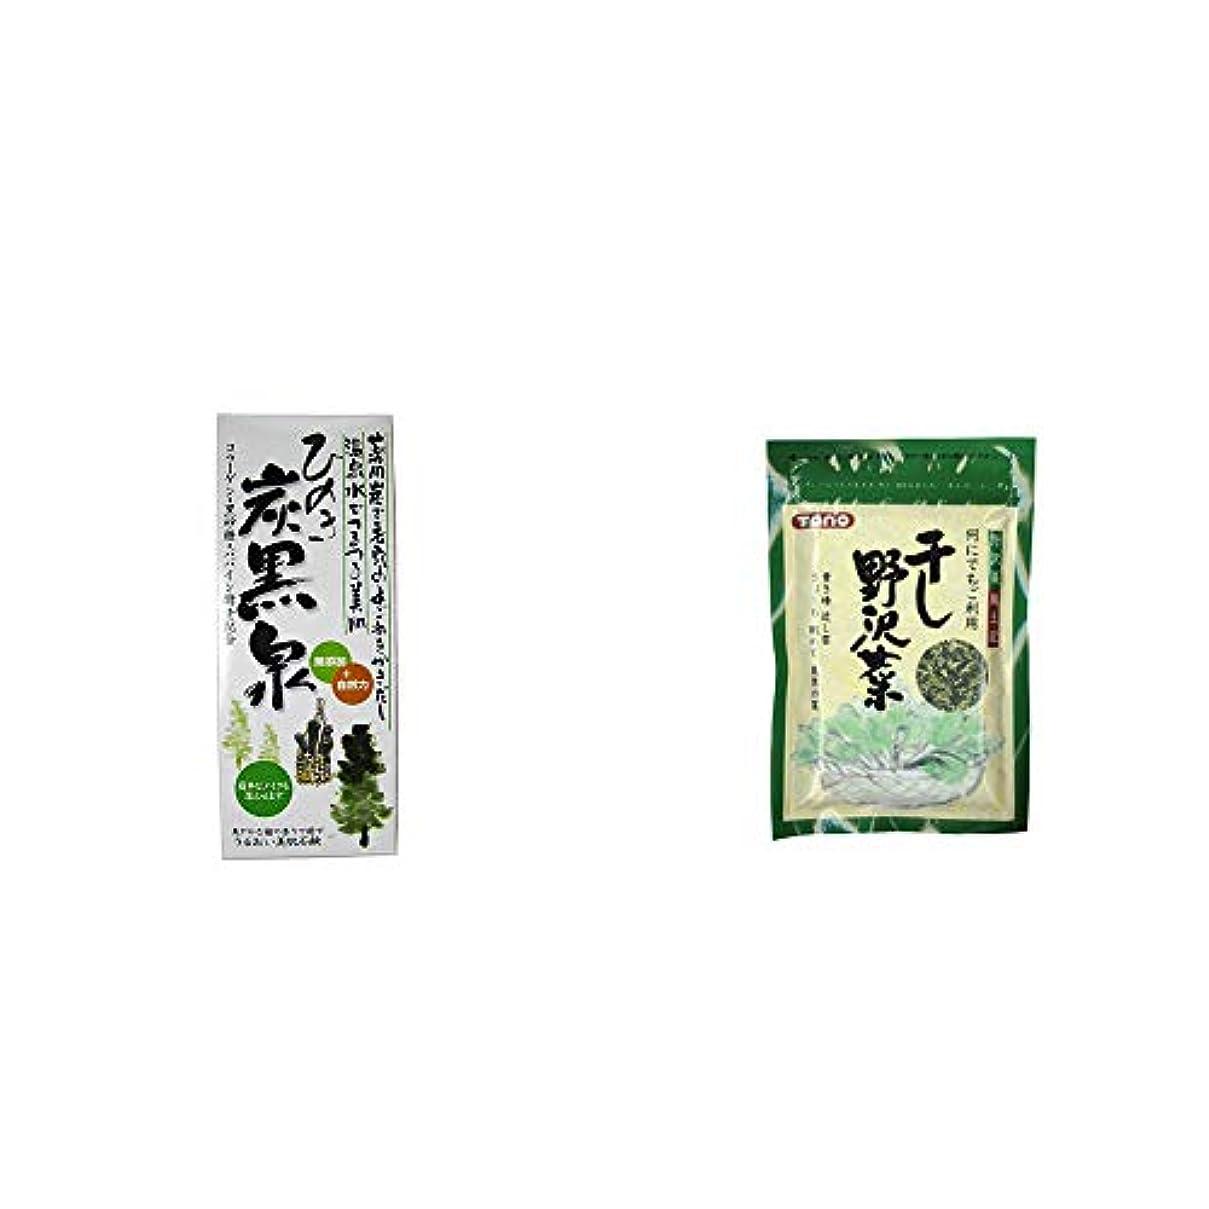 物語によってアーティファクト[2点セット] ひのき炭黒泉 箱入り(75g×3)?干し野沢菜(100g)